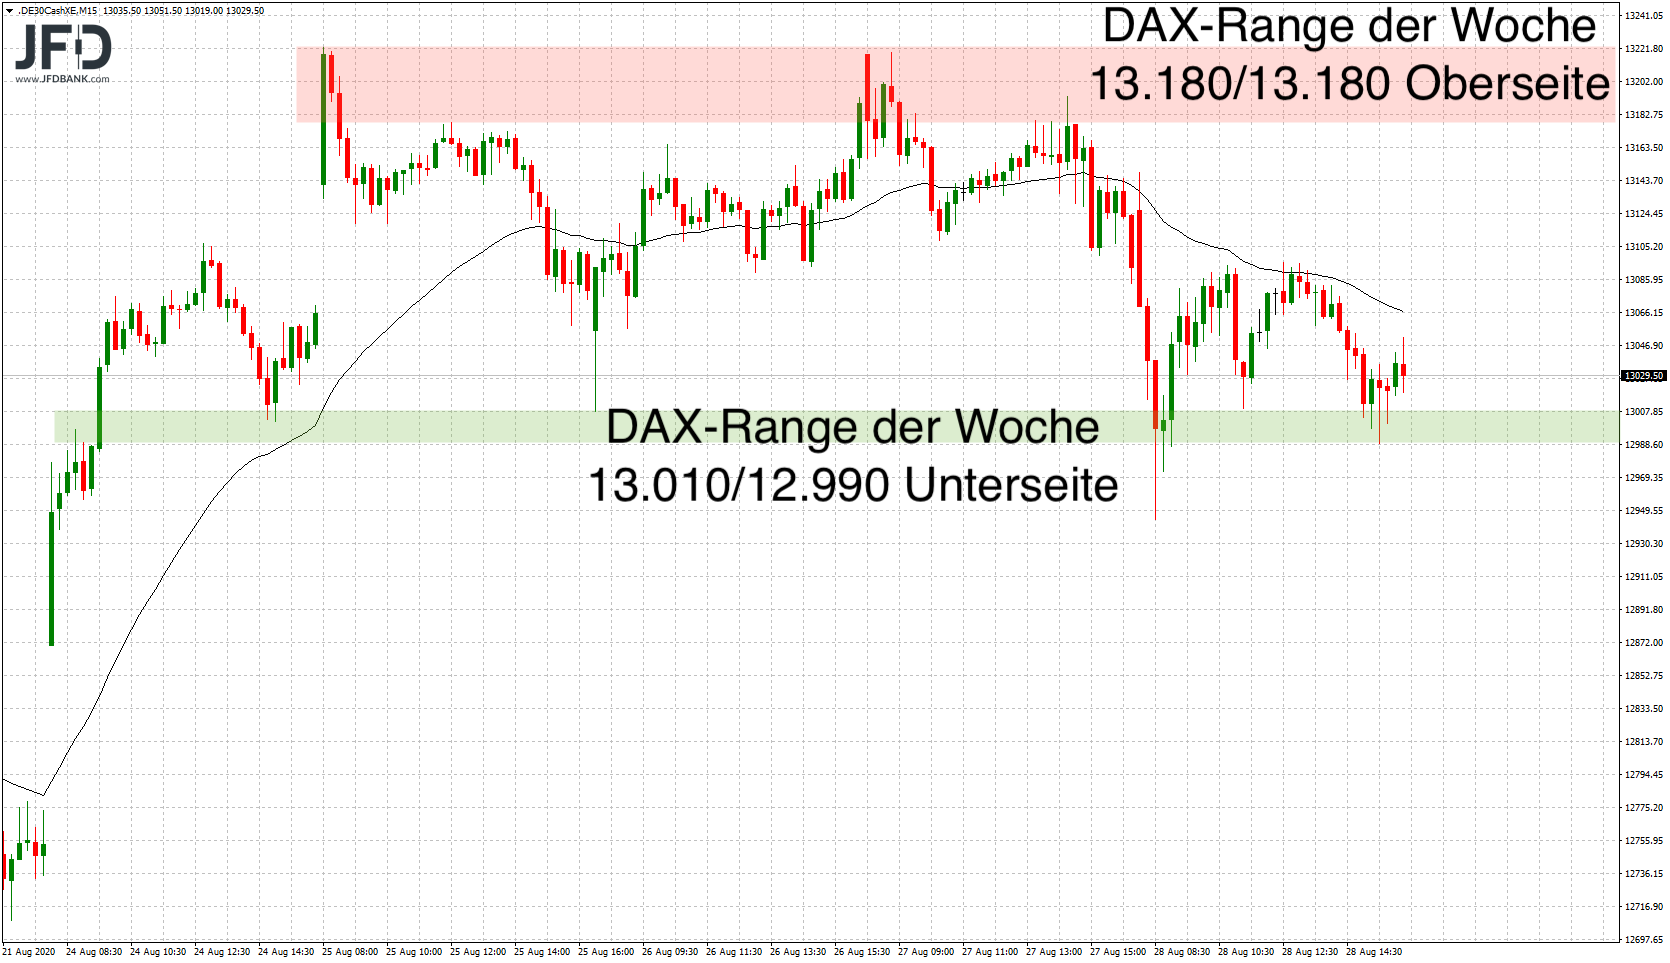 Wochenrückblick im DAX als Range